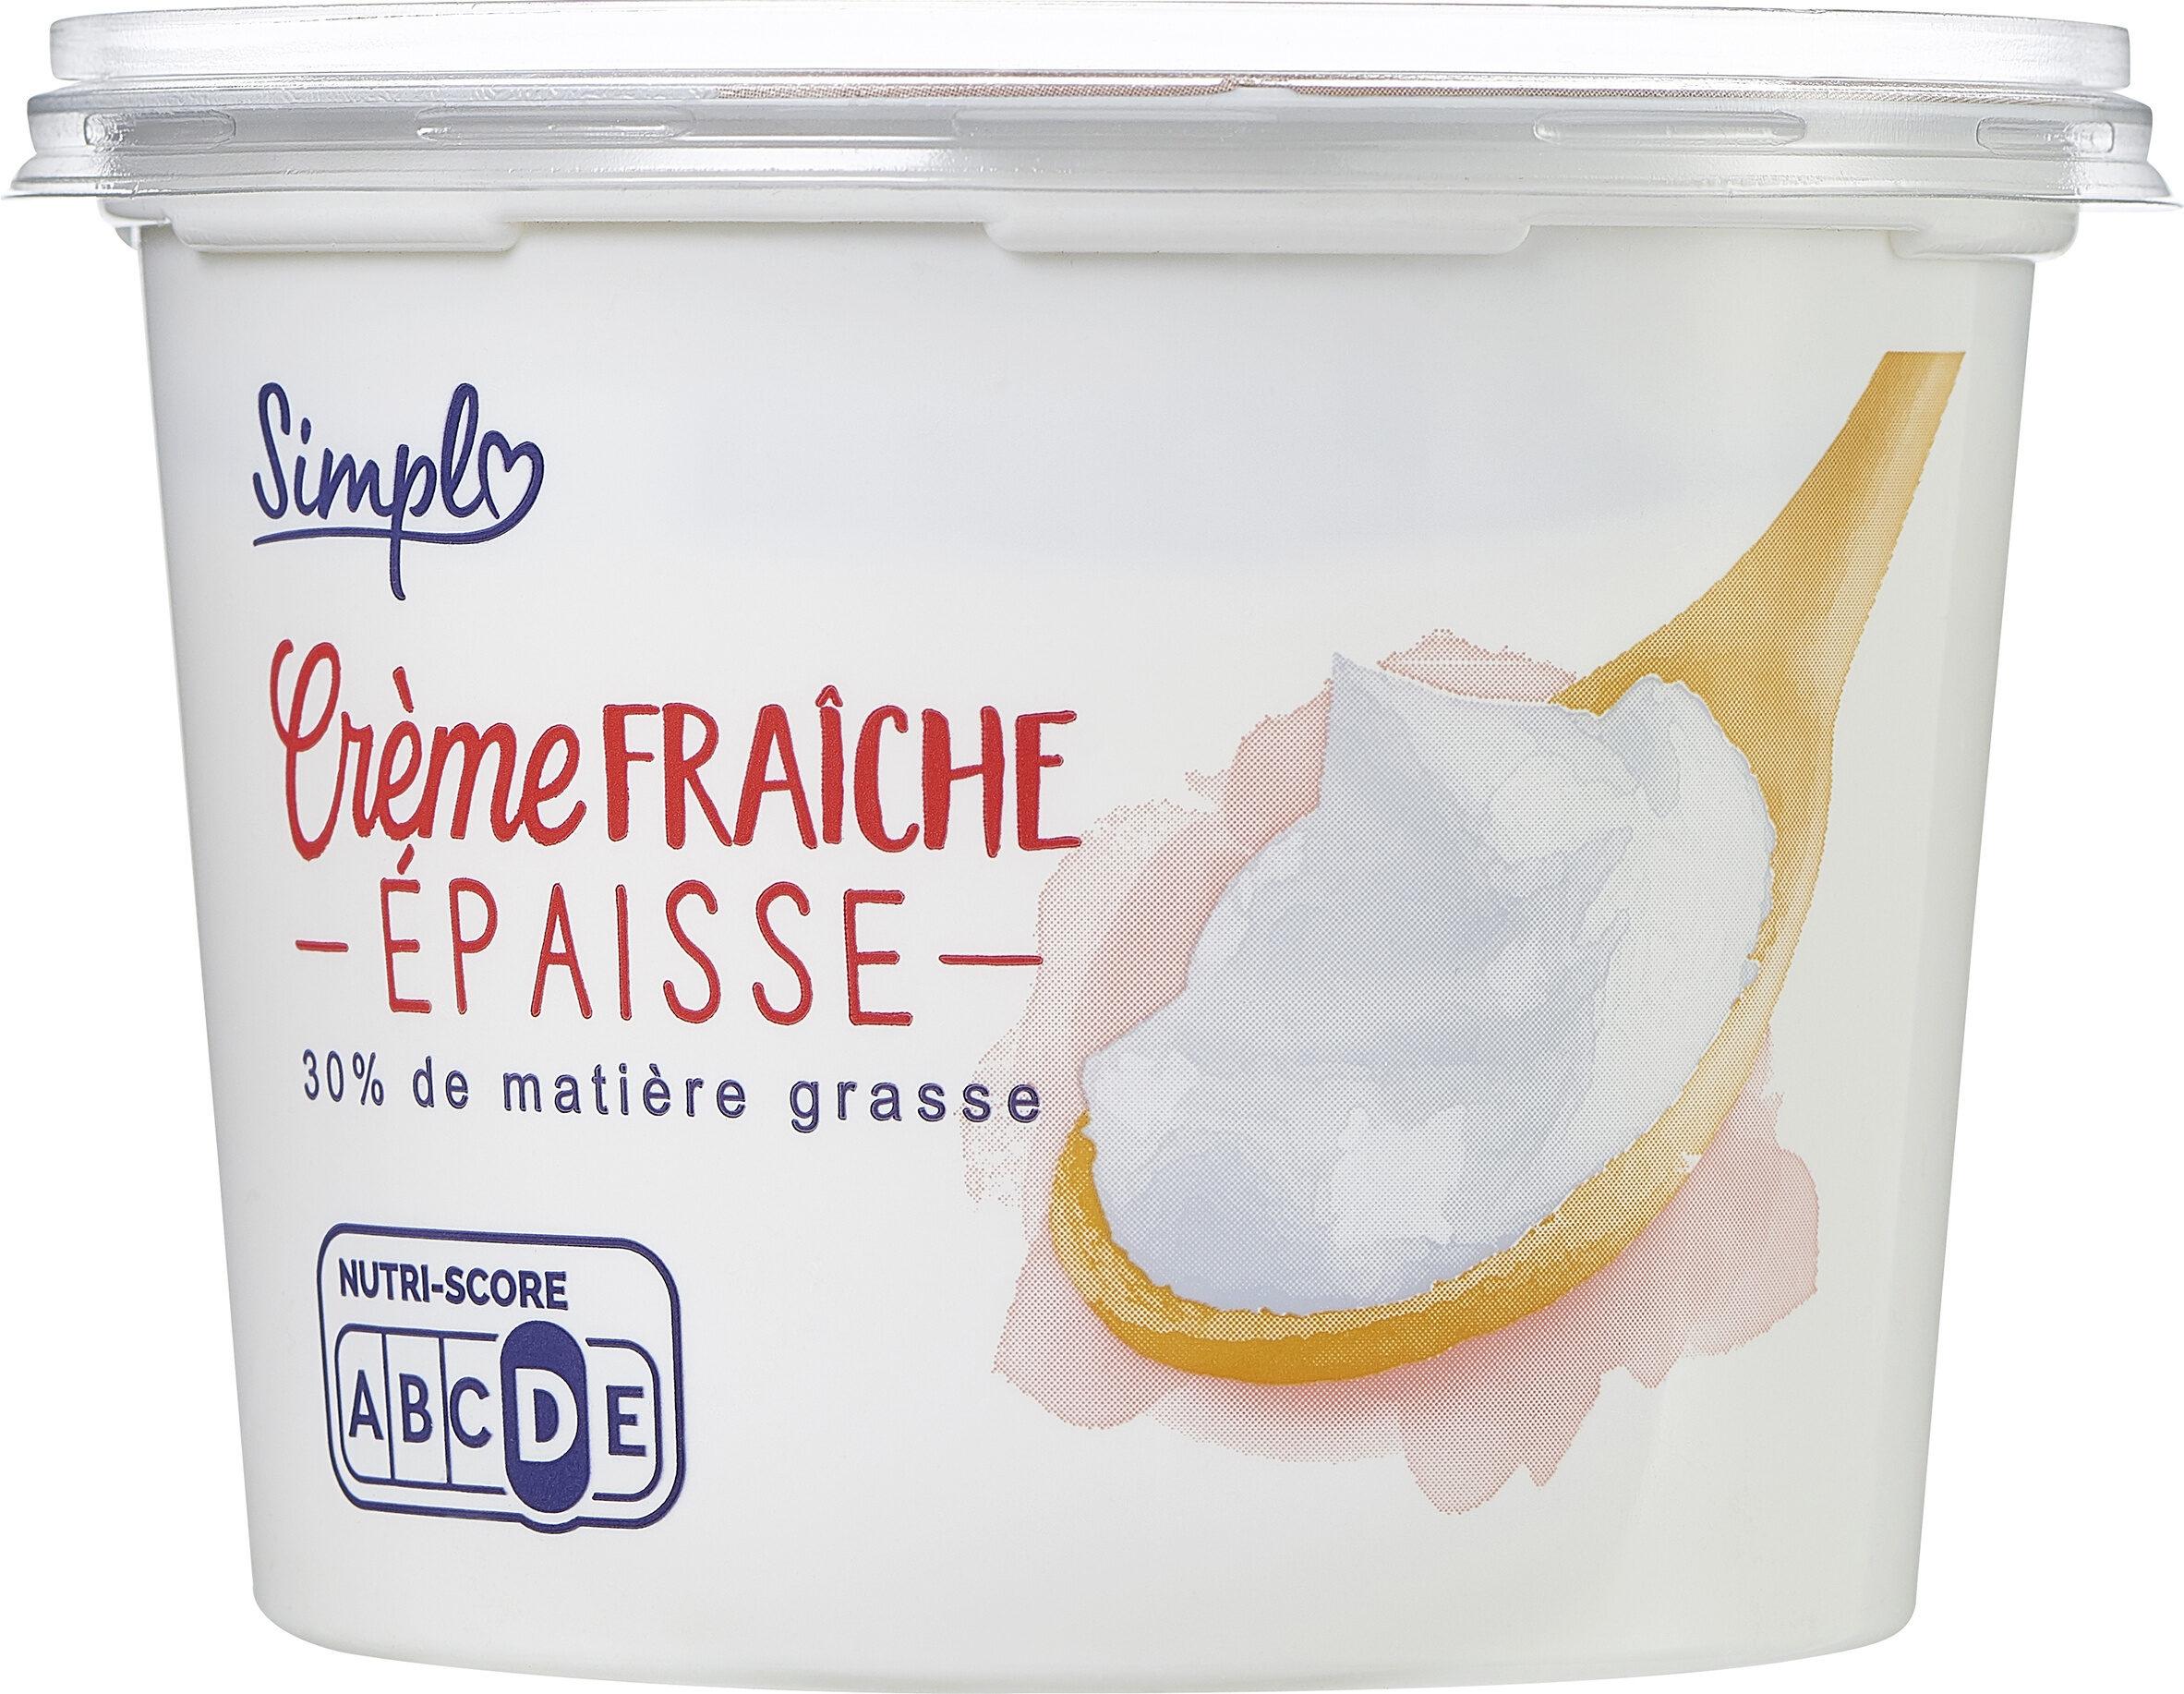 Crème fraiche épaisse - Prodotto - fr